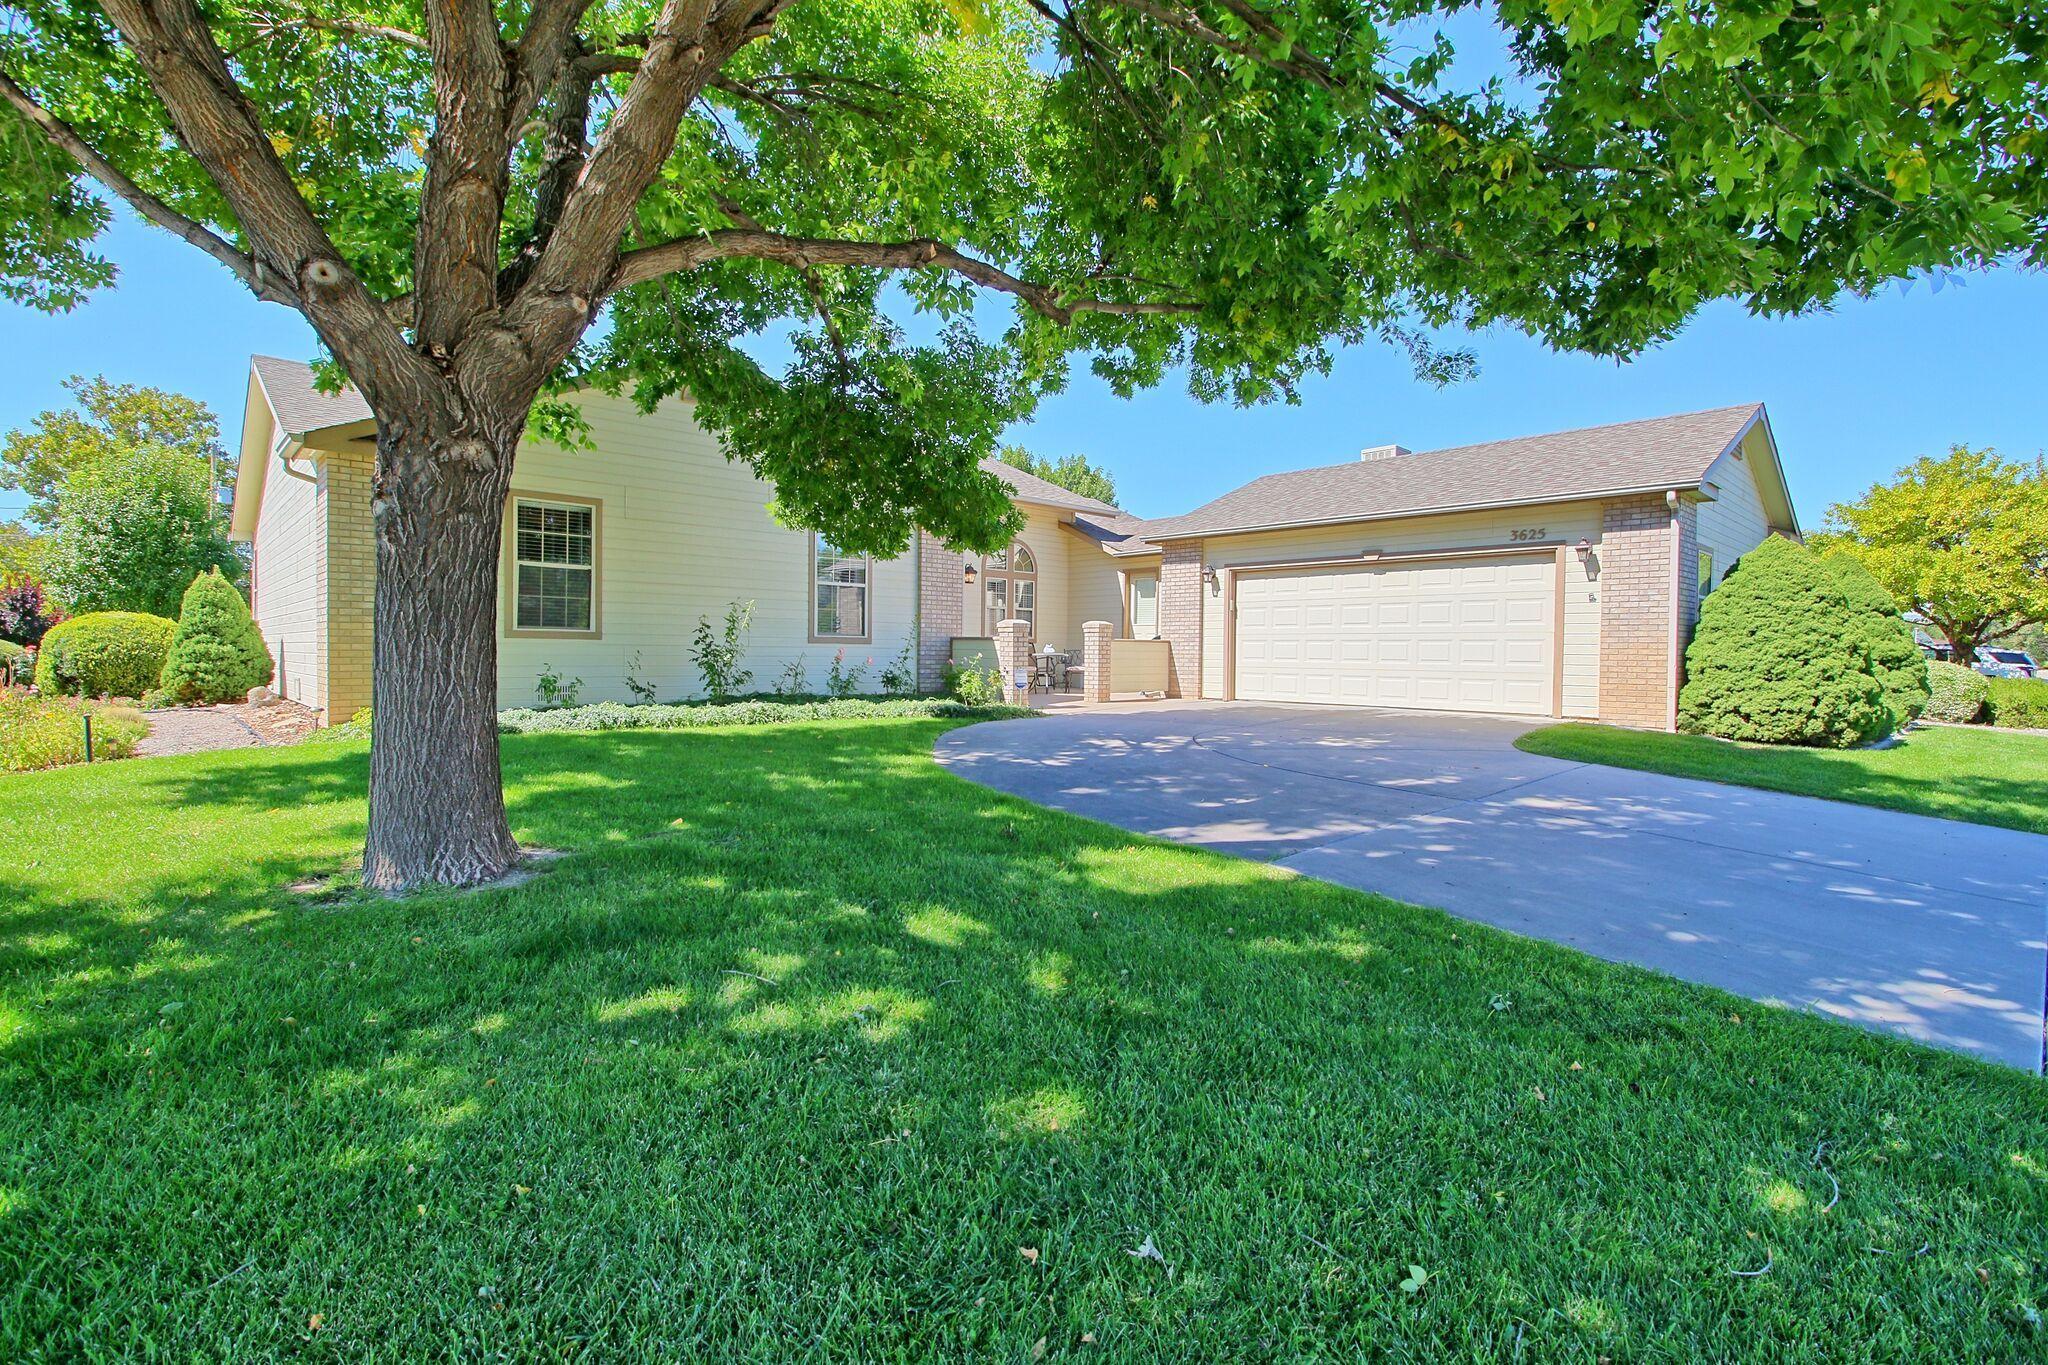 3625 N 15th St Grand Junction Co 81506 Grand Junction